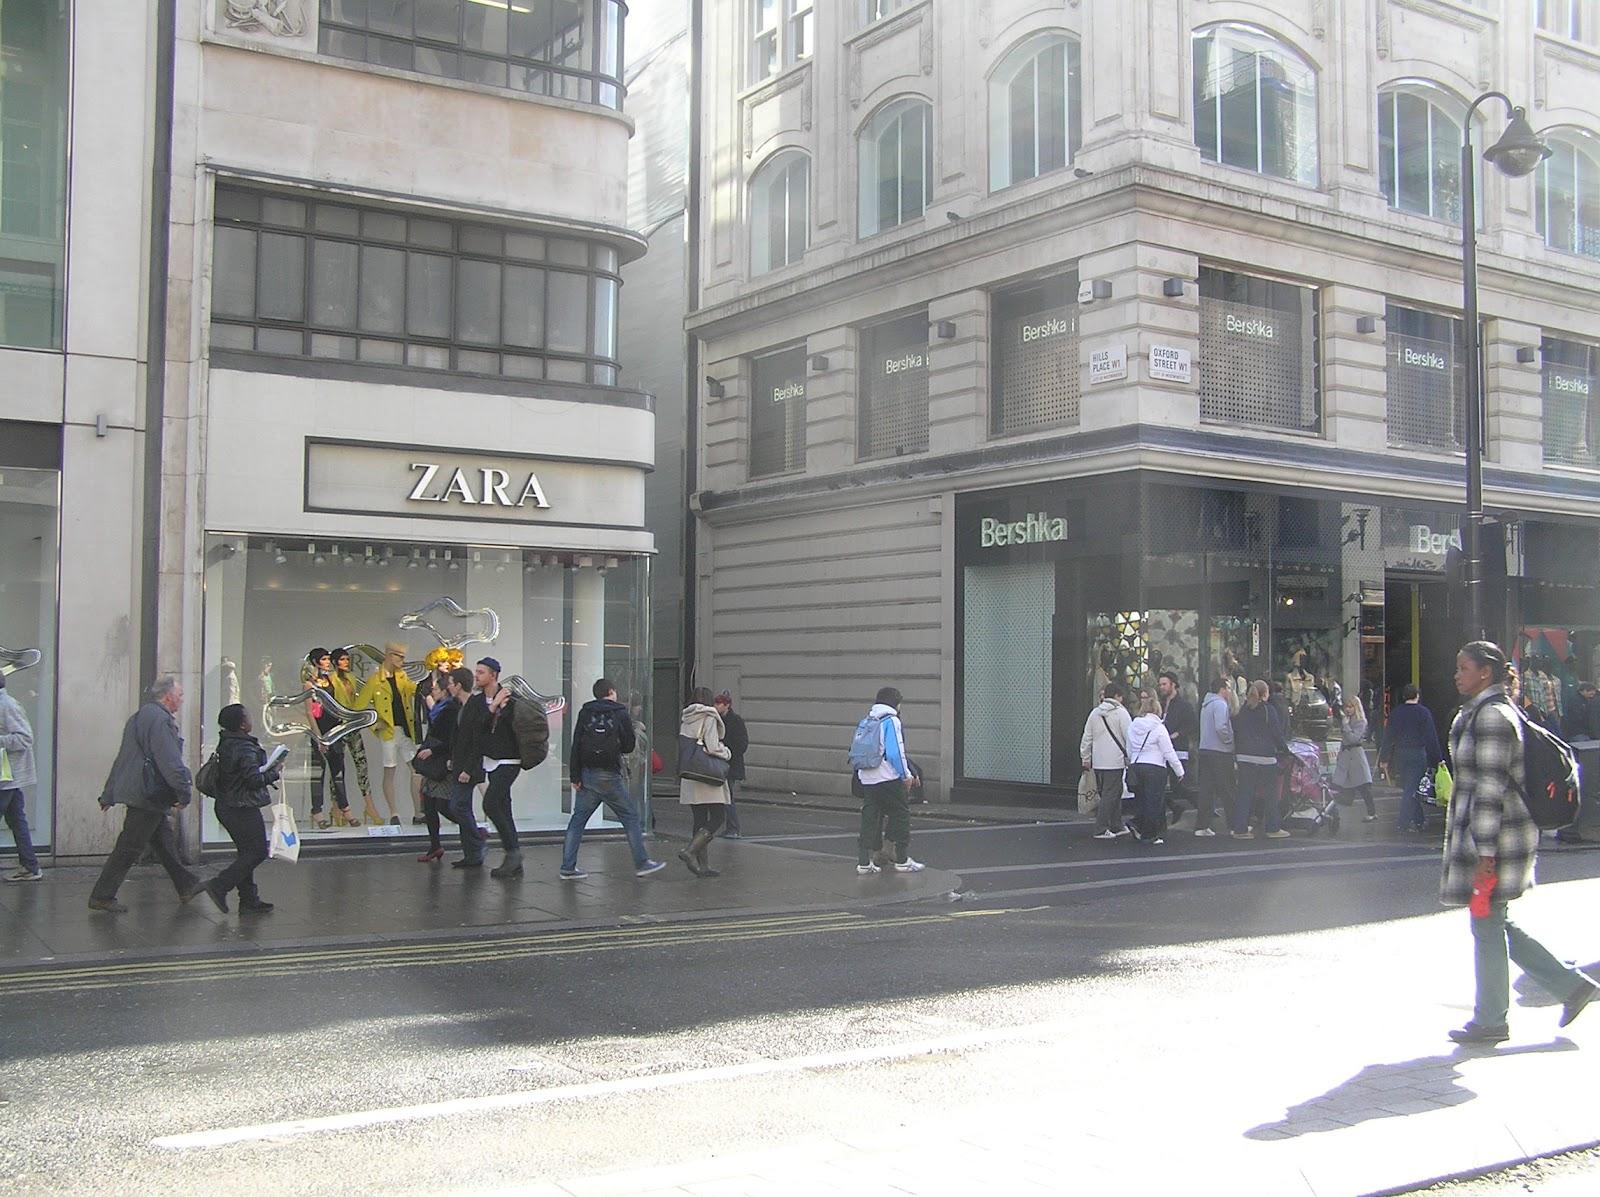 Zara stores in london tiendas de zara en londres tendas de zara en londres evpita 39 s blog - Bershka en londres ...